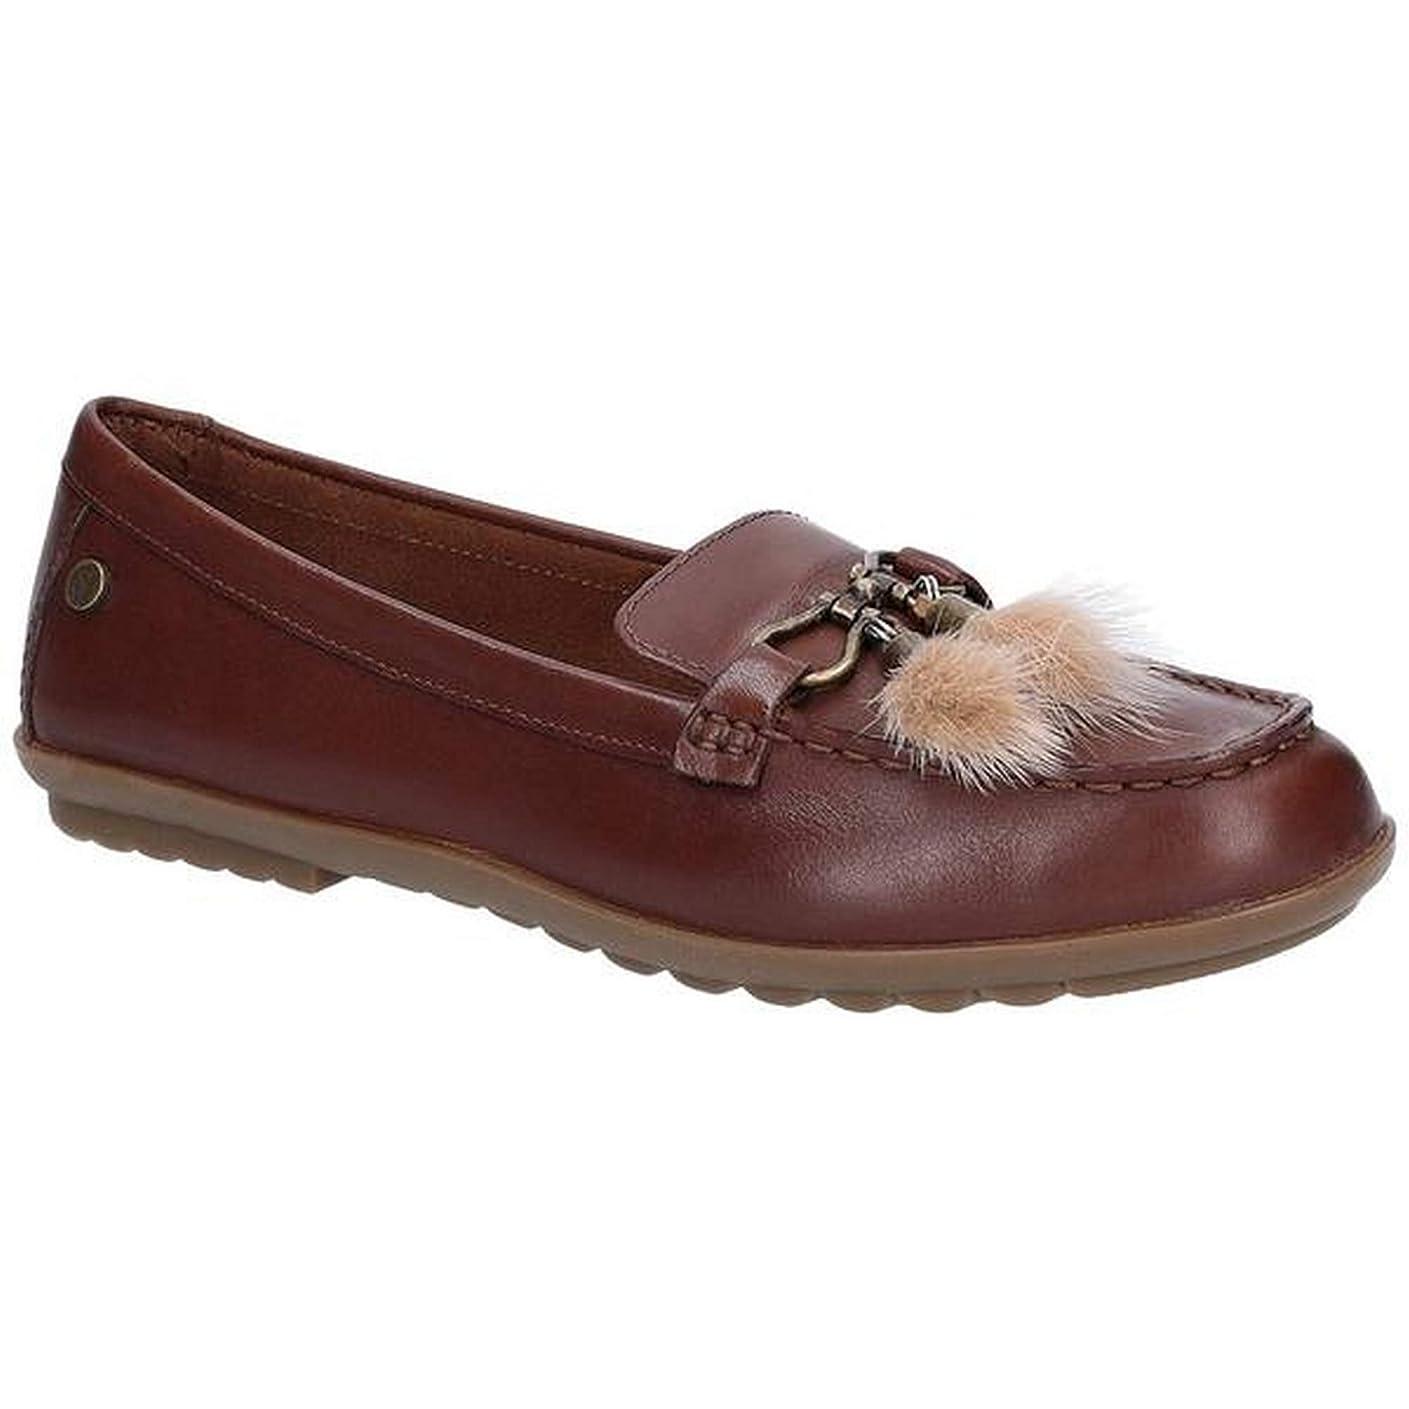 気まぐれな報いるその後[Hush Puppies] (ハッシュパピー) レディース Aidi レザー パフ ローファー 婦人靴 フラット シューズ 女性用 (8 UK) (ブラウン)